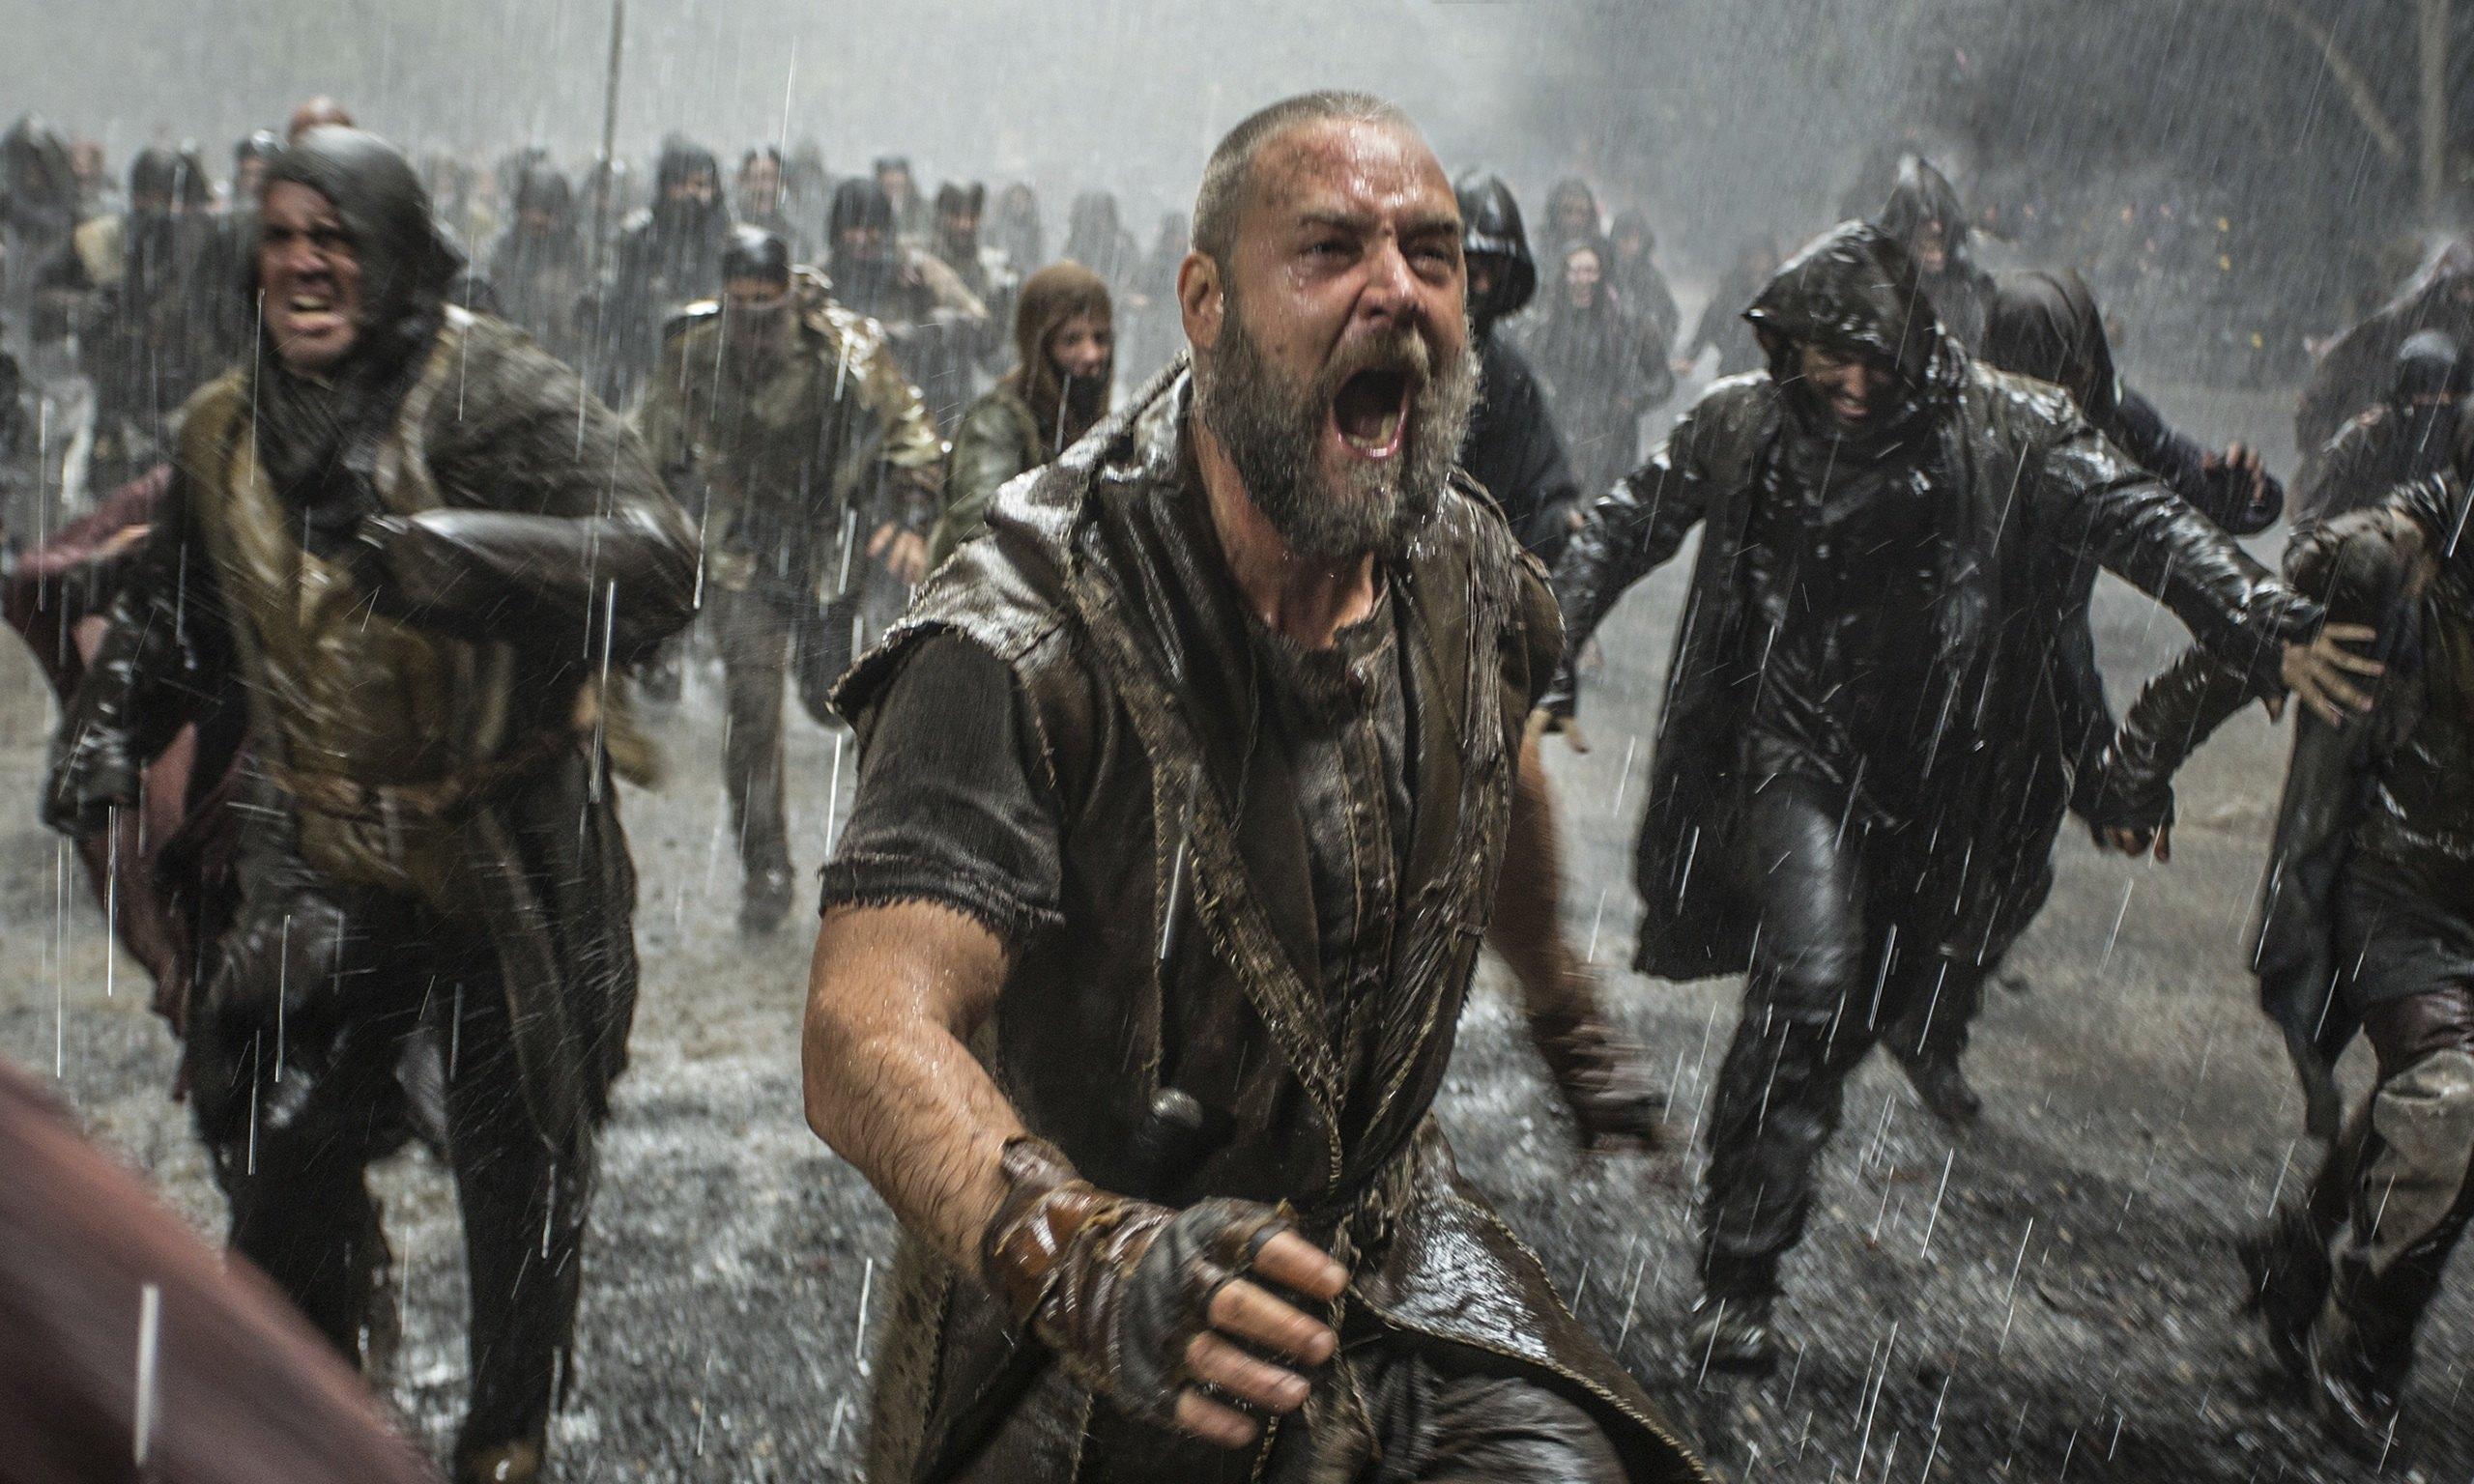 Noah: Brilliant anti-God, tree-hugger propaganda